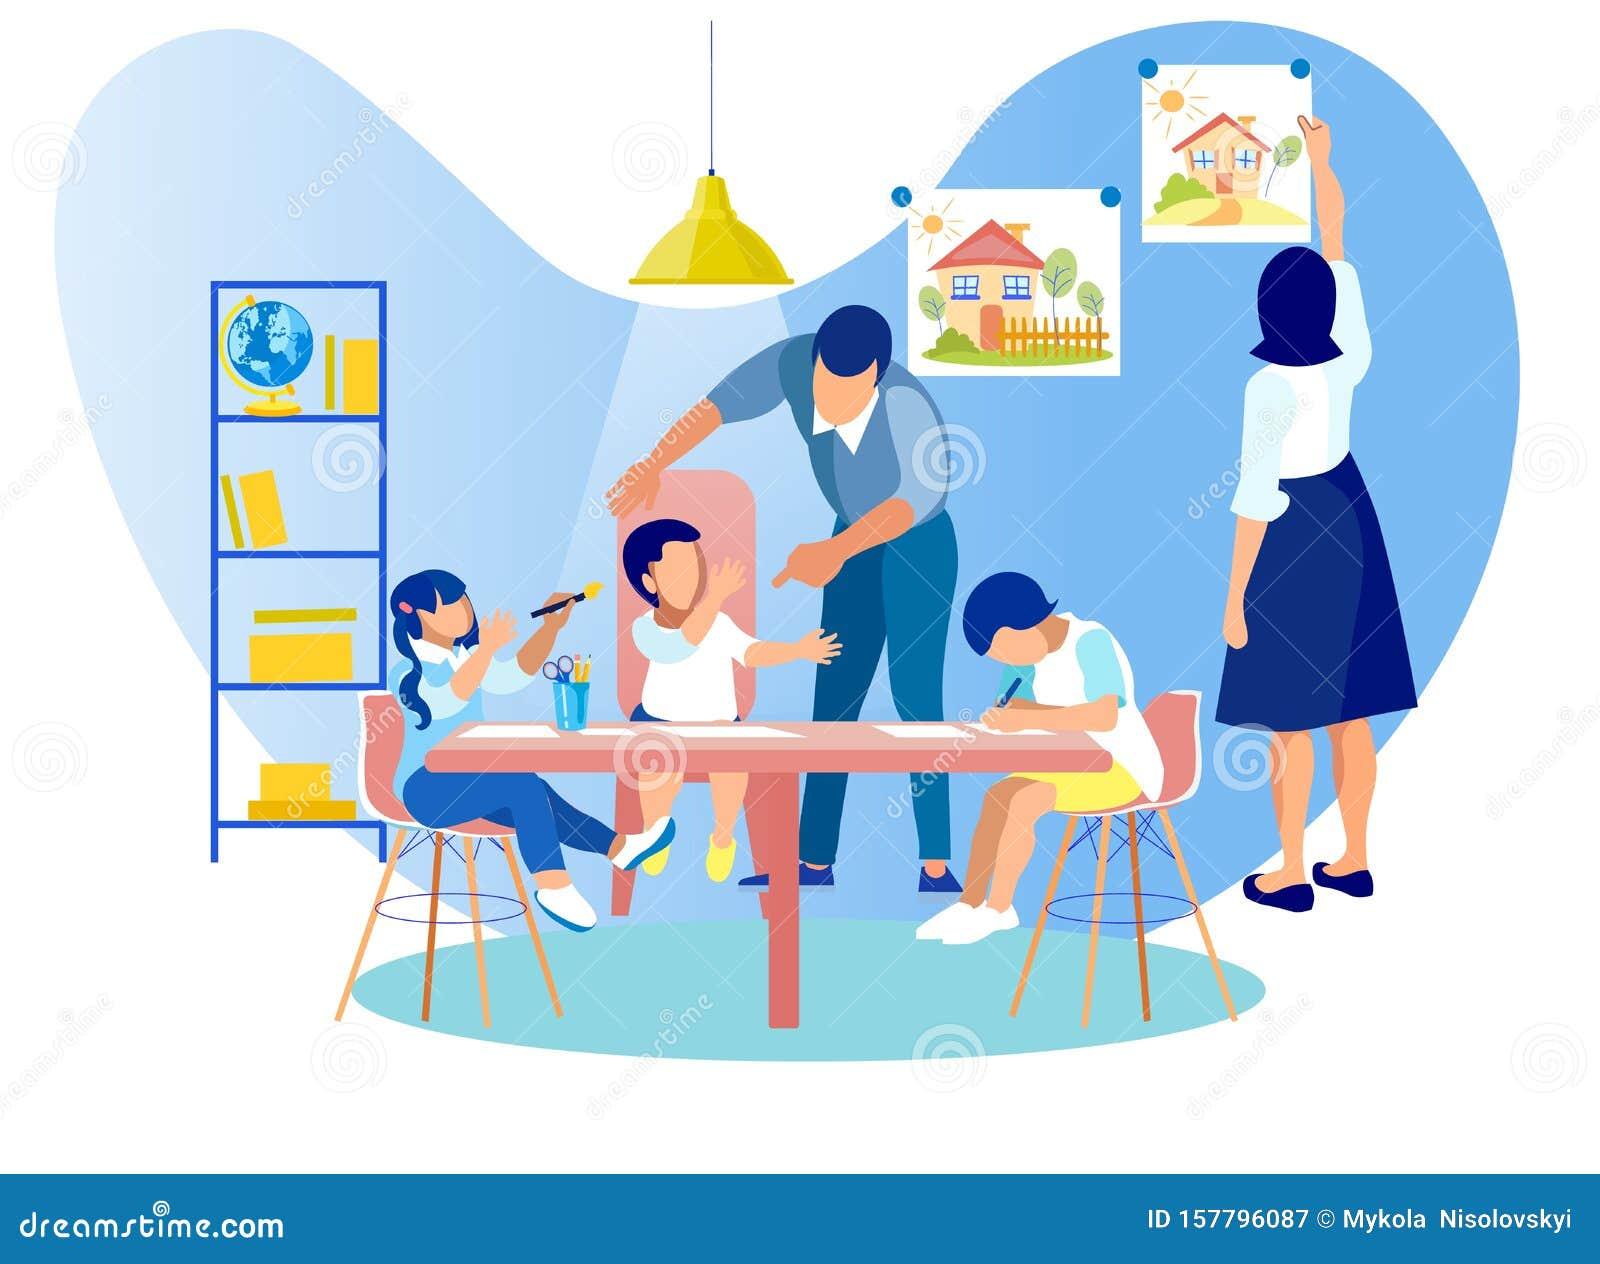 Bambini Che Disegnano Seduti Al Tavolo In Asilo Illustrazione Di Stock Illustrazione Di Mestiere Appendere 157796087